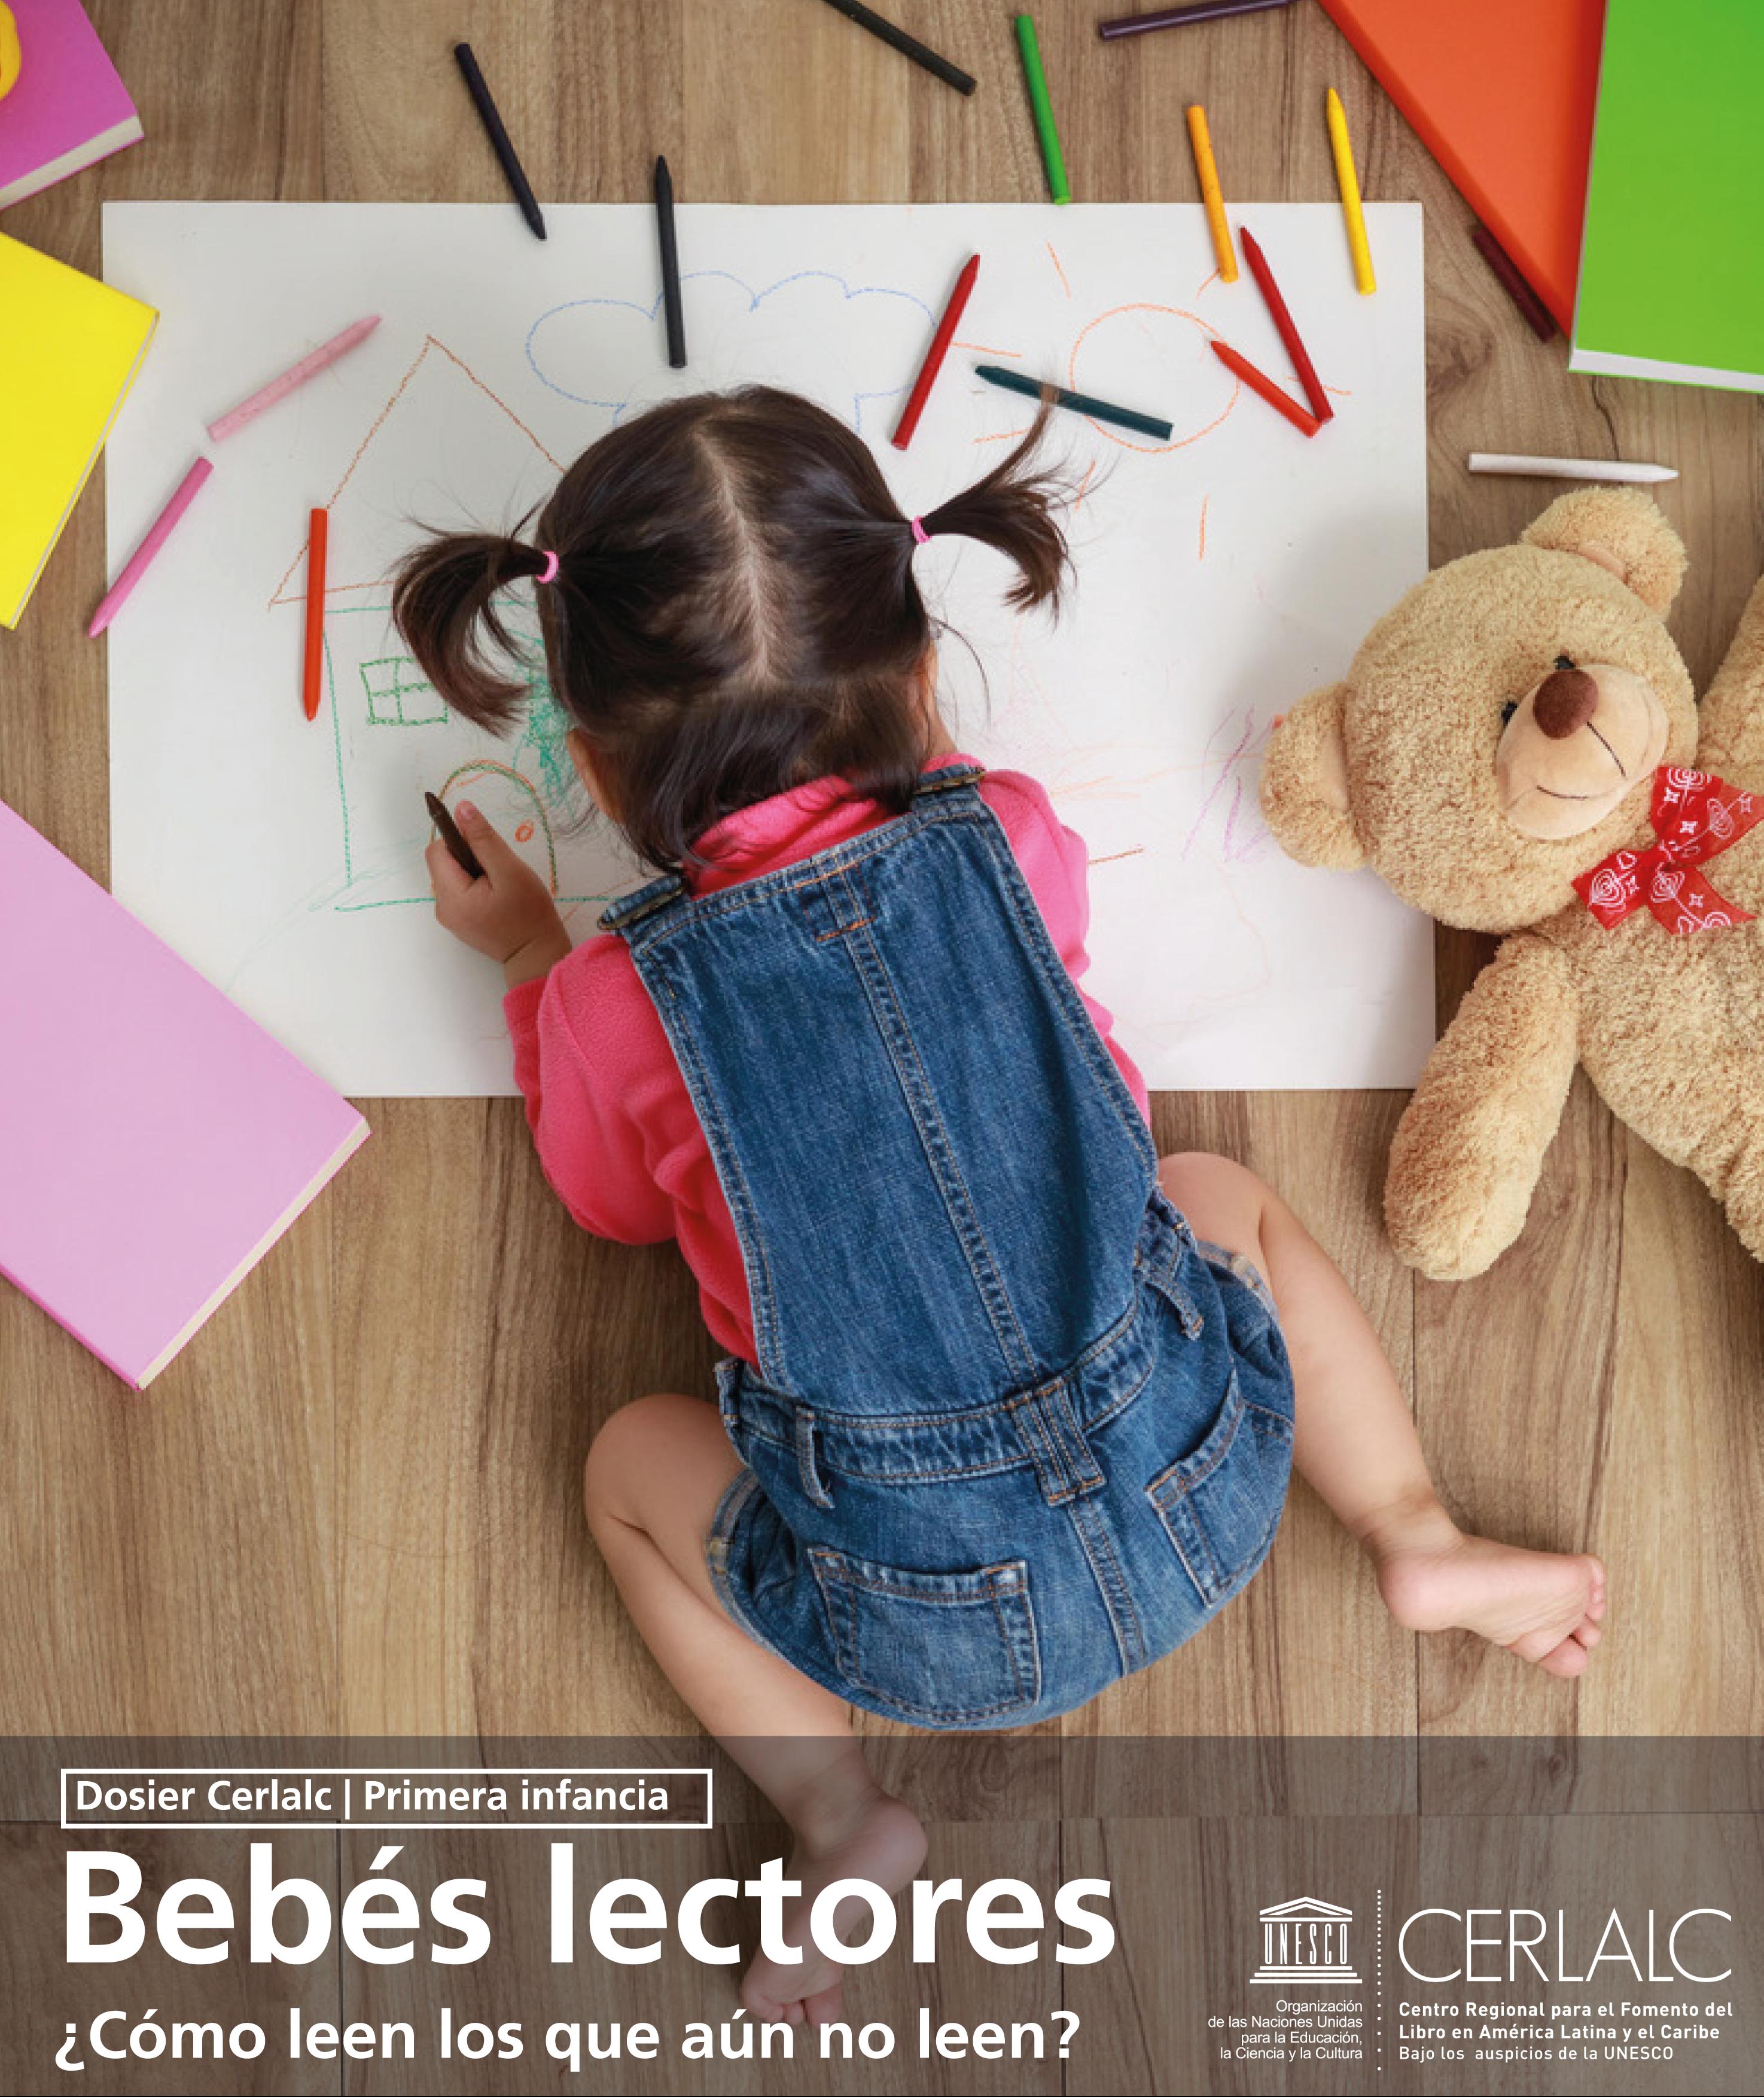 Dosier Bebés lectores. ¿Cómo leen los que aún no leen?